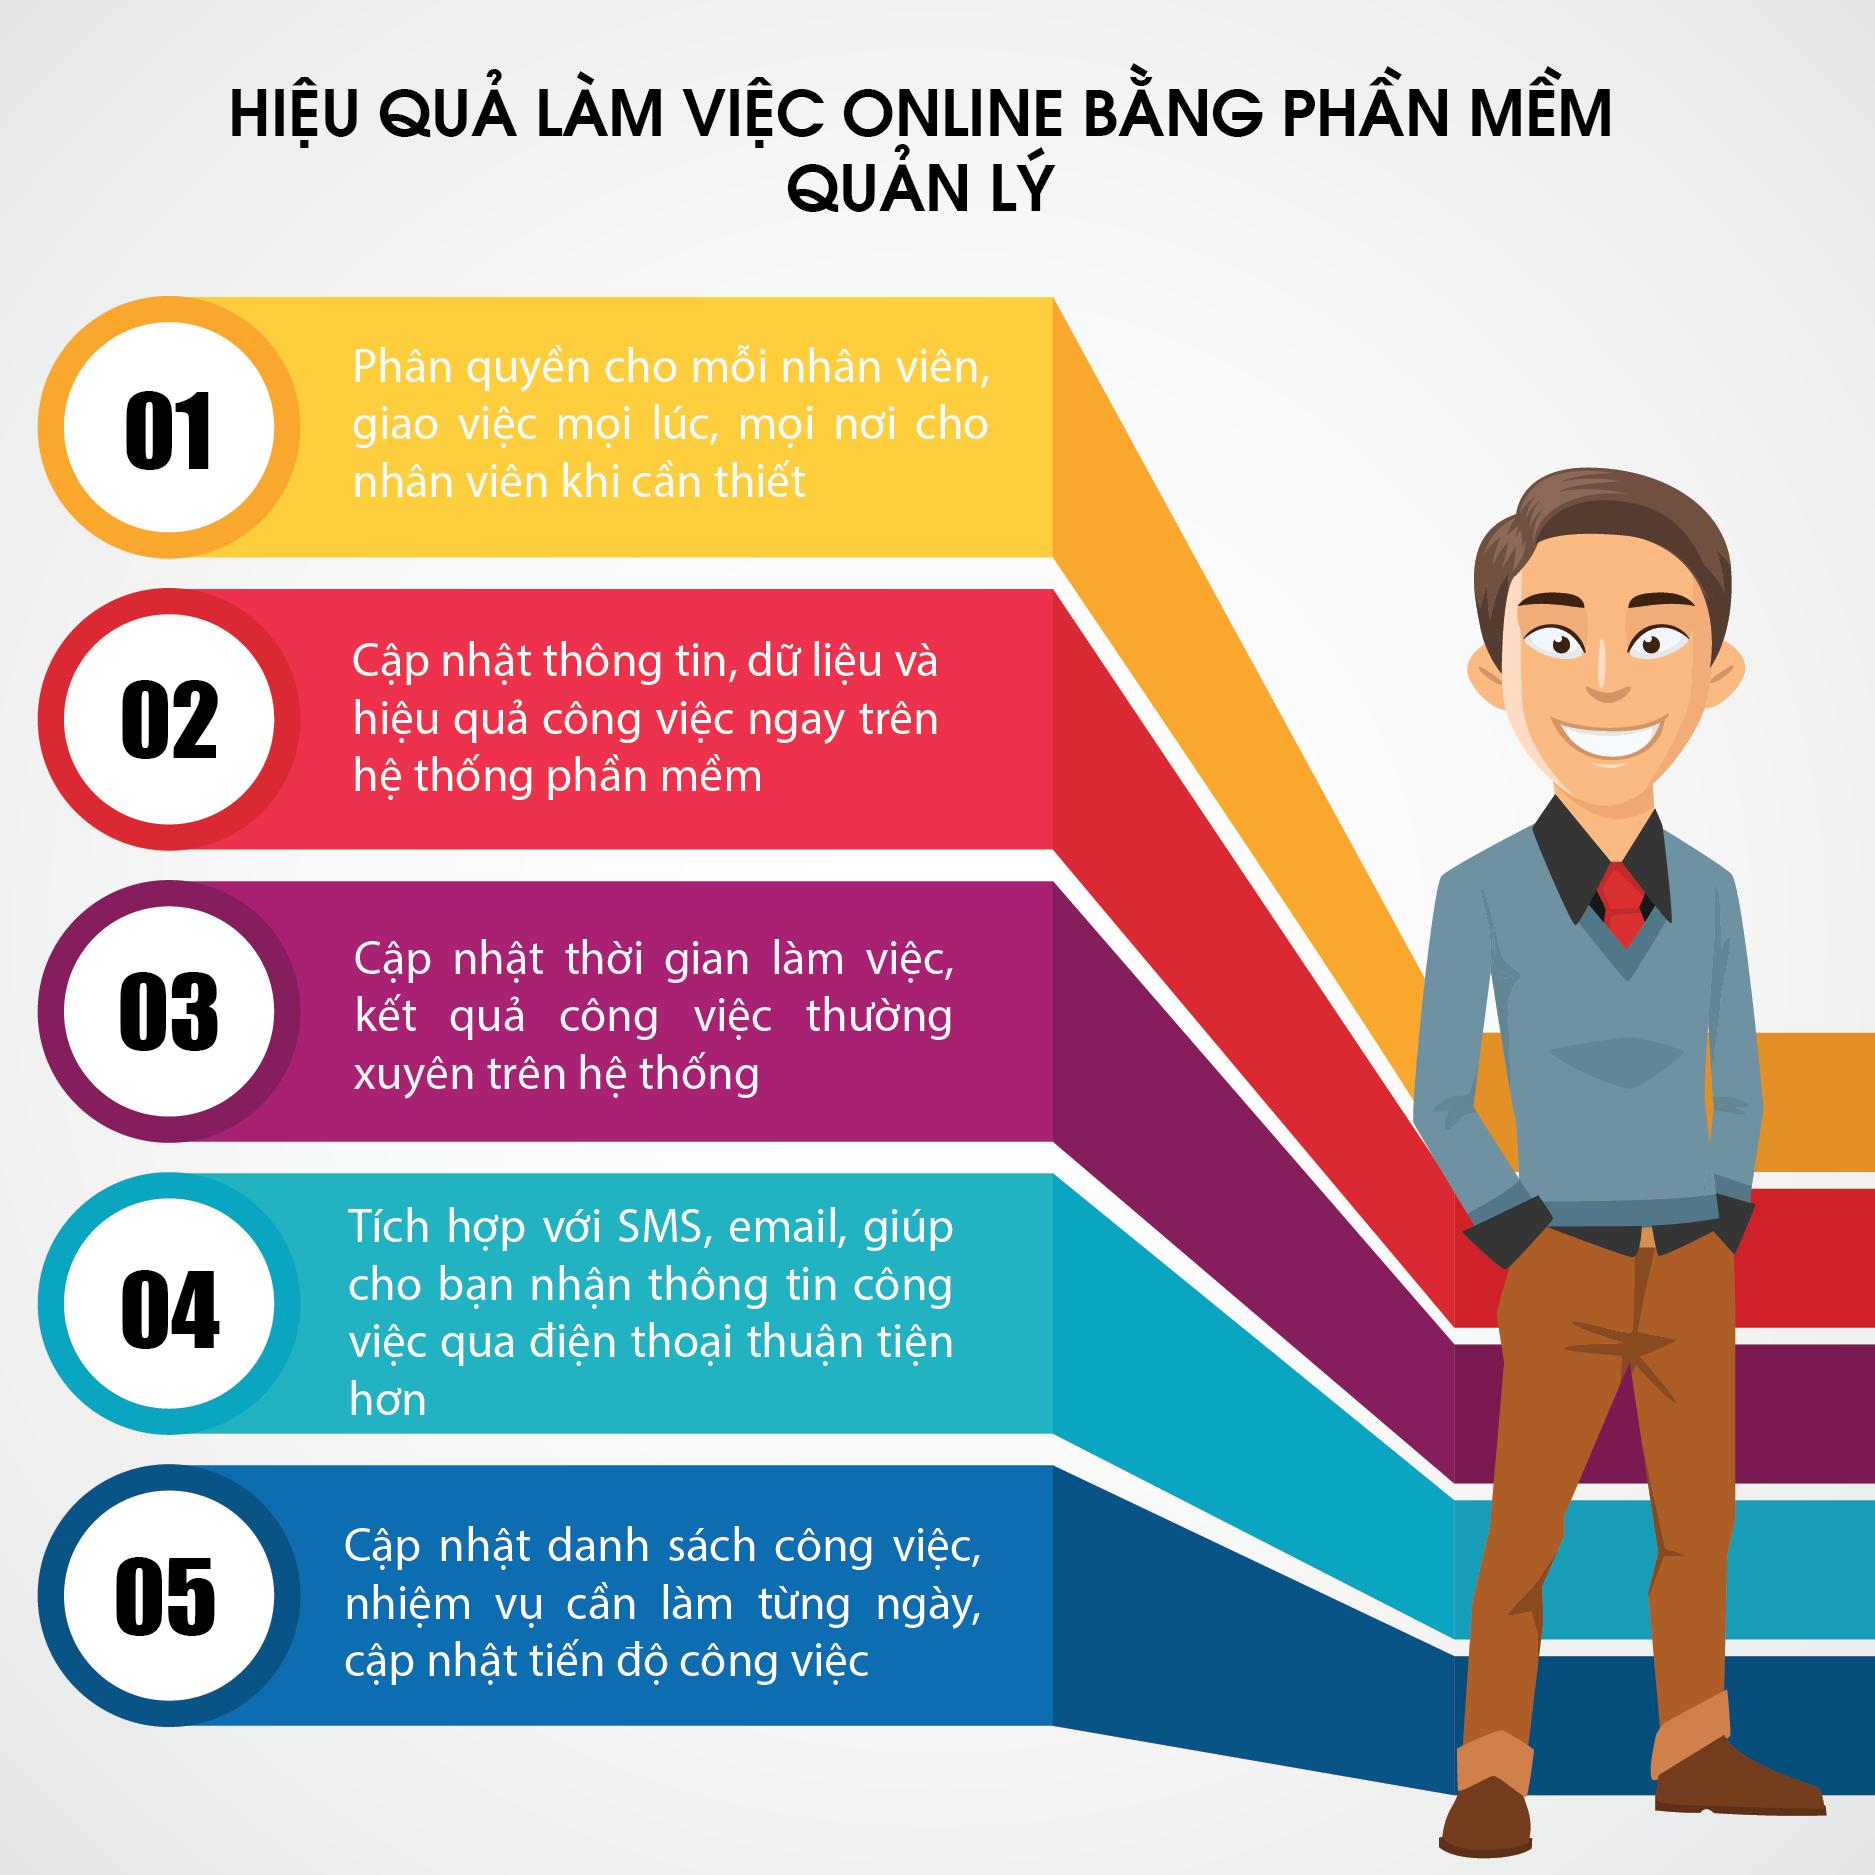 hieu-qua-lam-viec-online-bang-pm-quan-ly